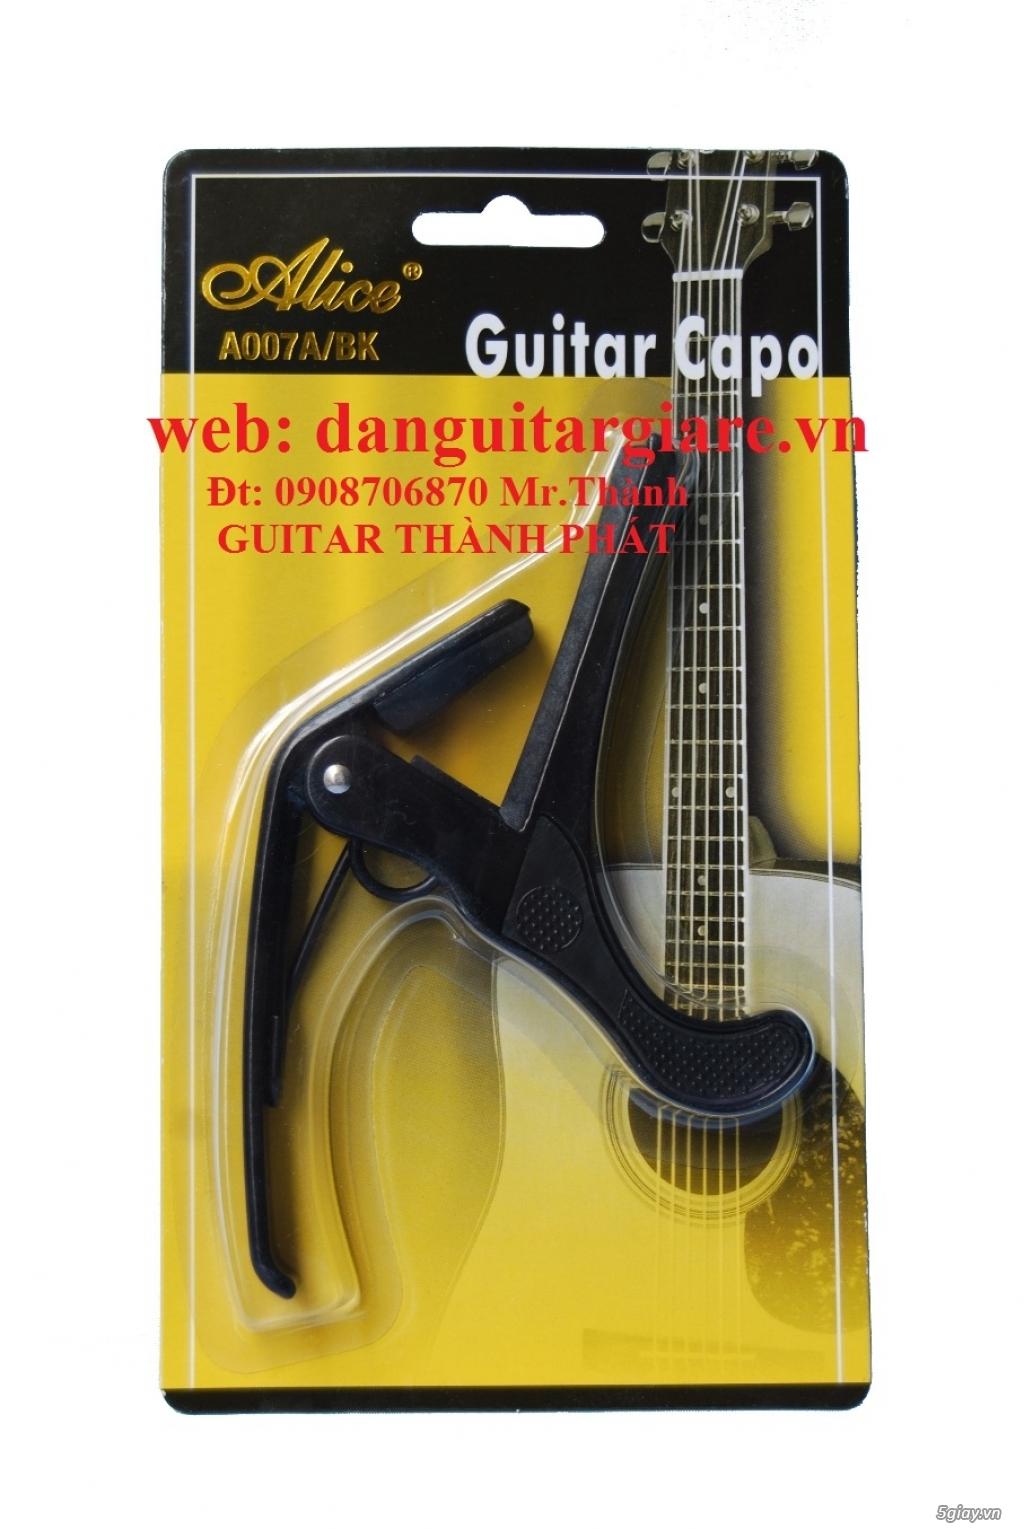 phụ kiện guitar giá rẻ - phụ kiện guitar giá rẻ gò vấp - 10